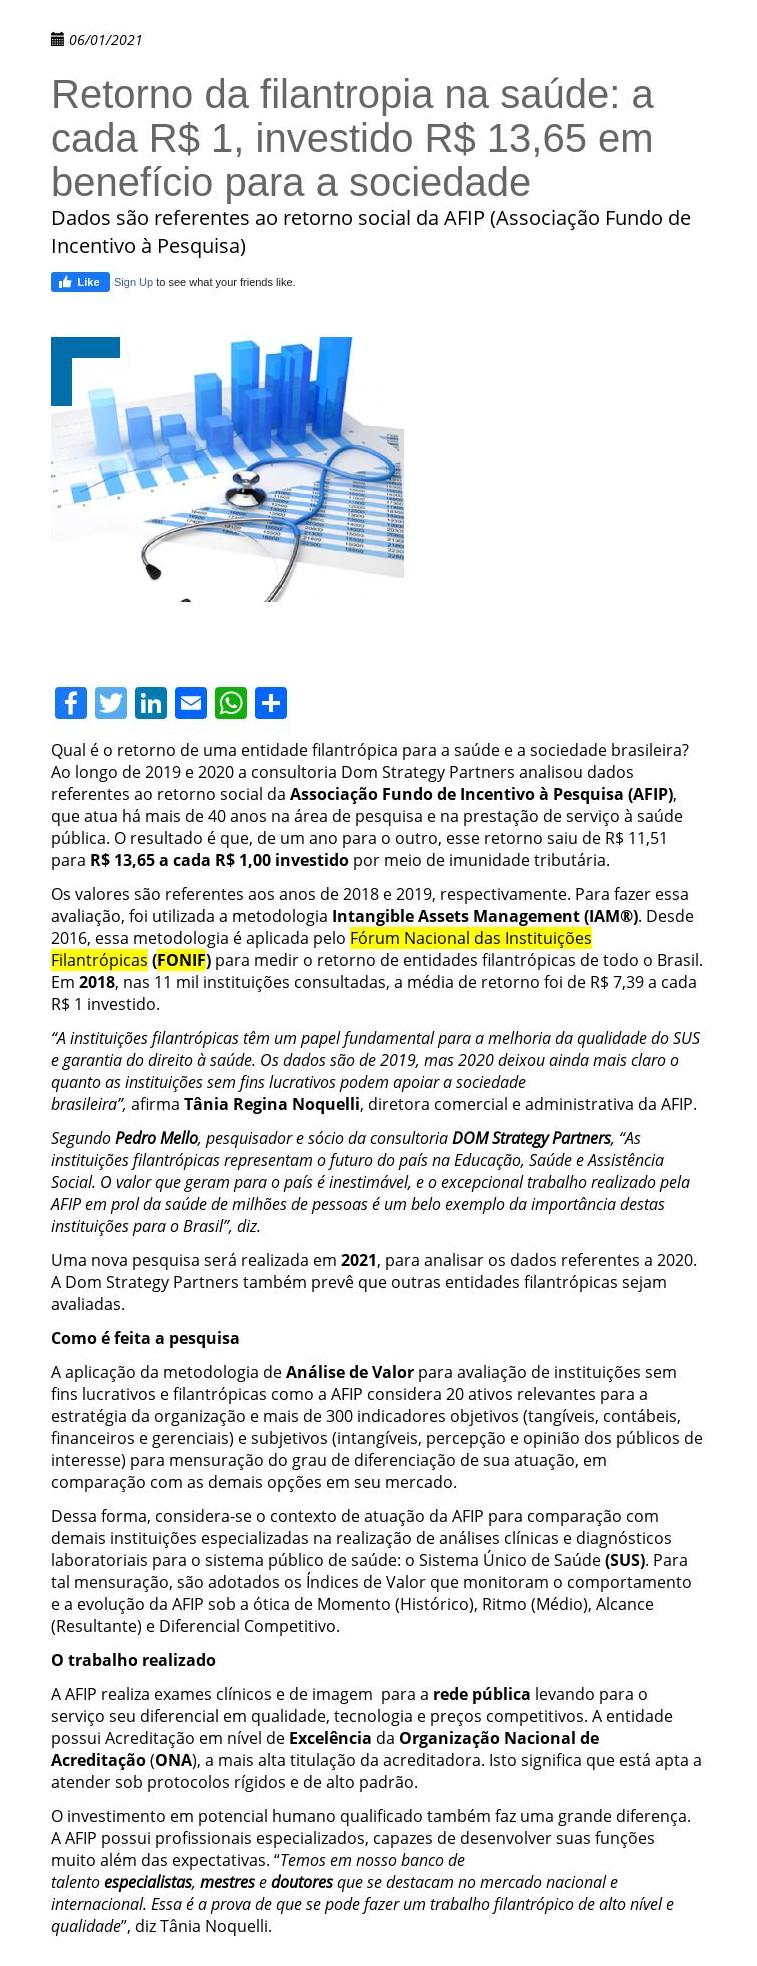 Retorno da filantropia na saúde: a cada R$ 1, investido R$ 13,65 em benefício para a sociedade - 06/01/2021 FEMIPA